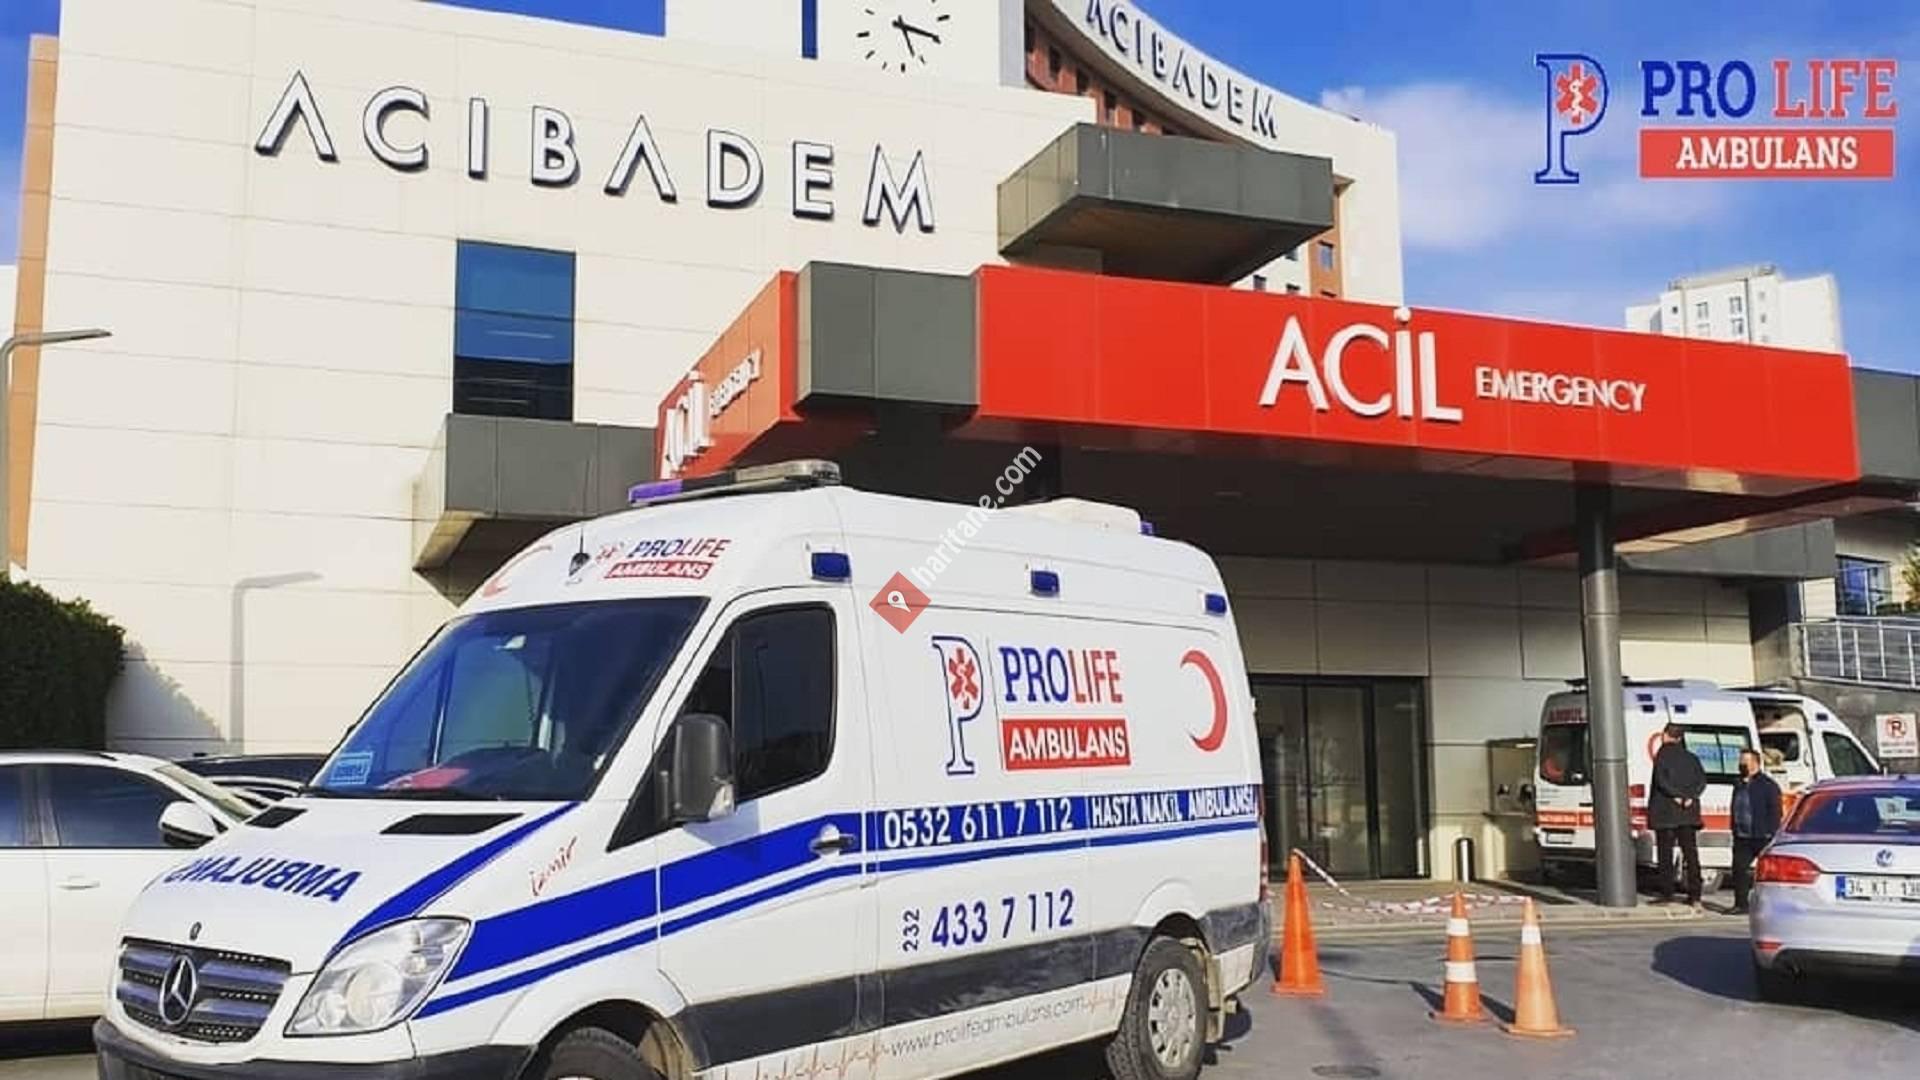 Prolife Ambulans